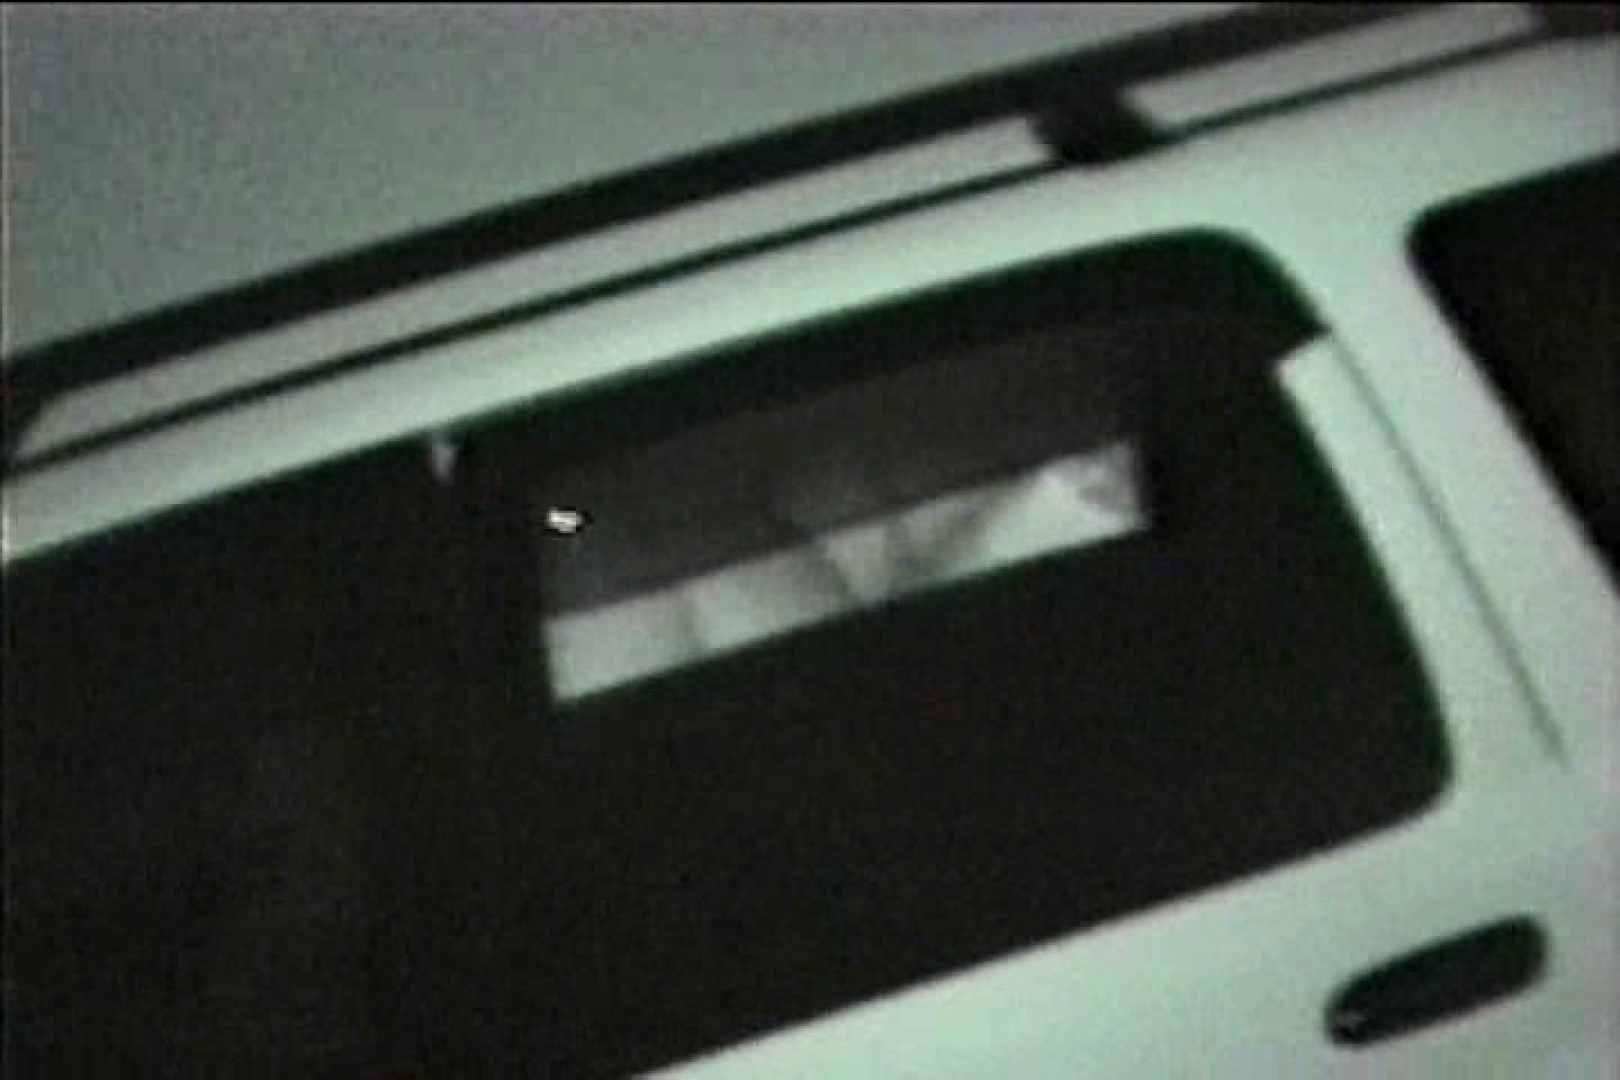 車の中はラブホテル 無修正版  Vol.7 ホテル SEX無修正画像 81pic 51